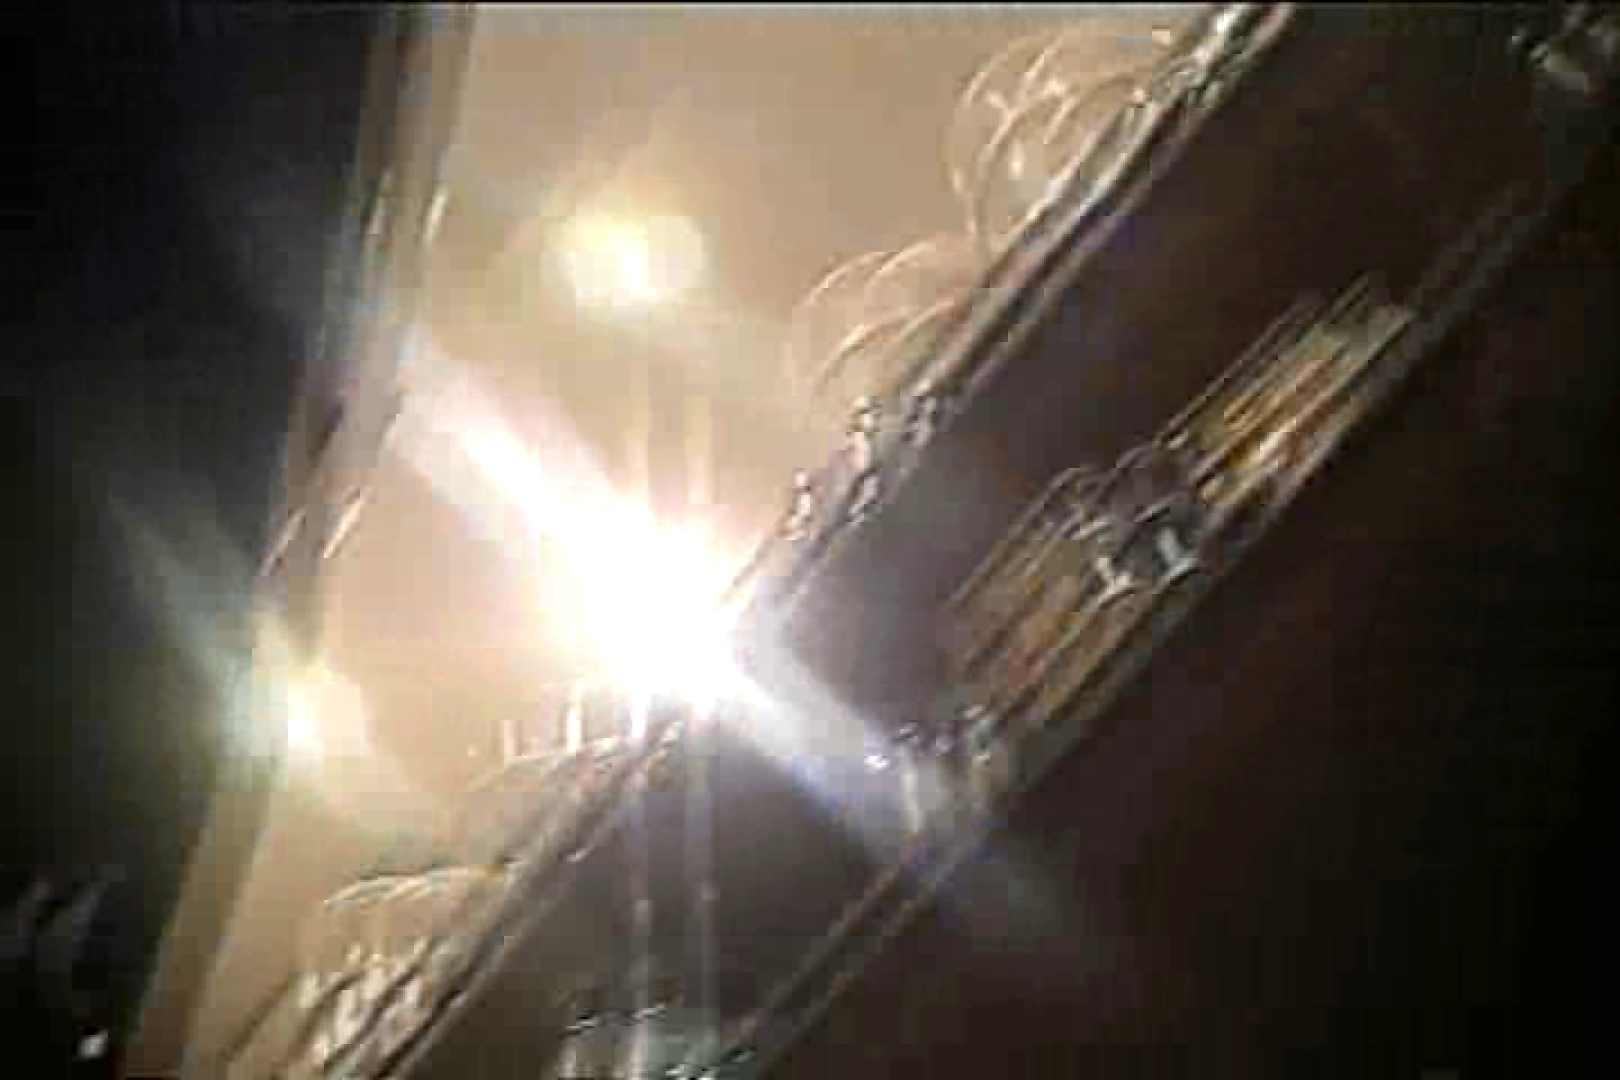 関西発!タツヤのDV直撮り大追跡Vol.1 OLエロ画像  109PICs 62